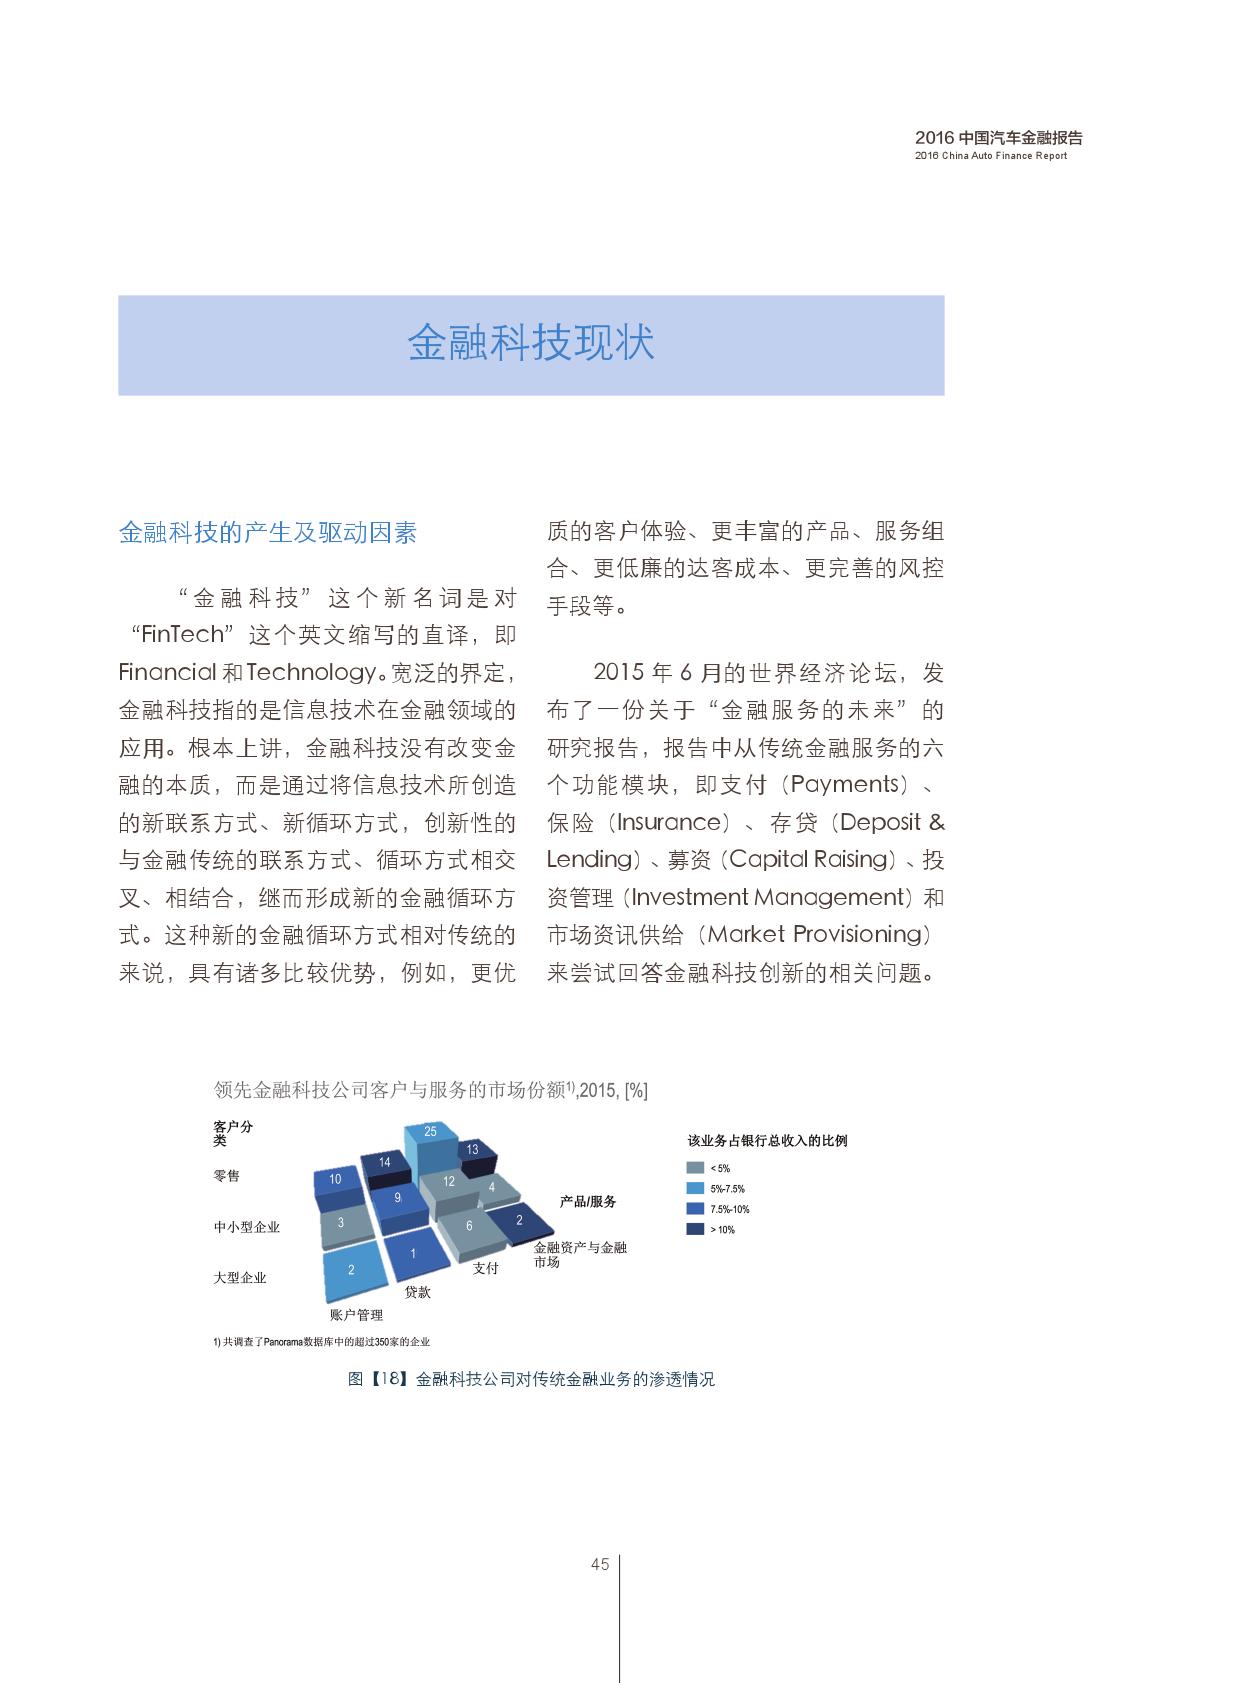 2016中国汽车金融报告_000046